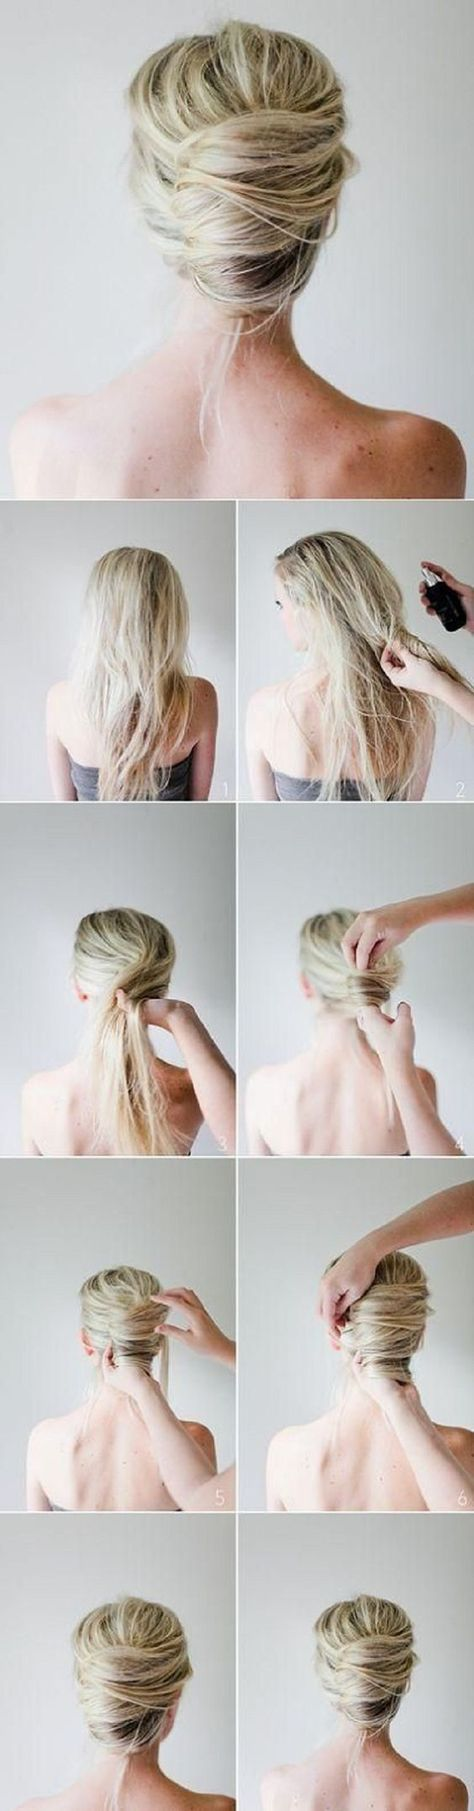 17 ideas para moños originales y muy femeninos | Hair | Pinterest ...